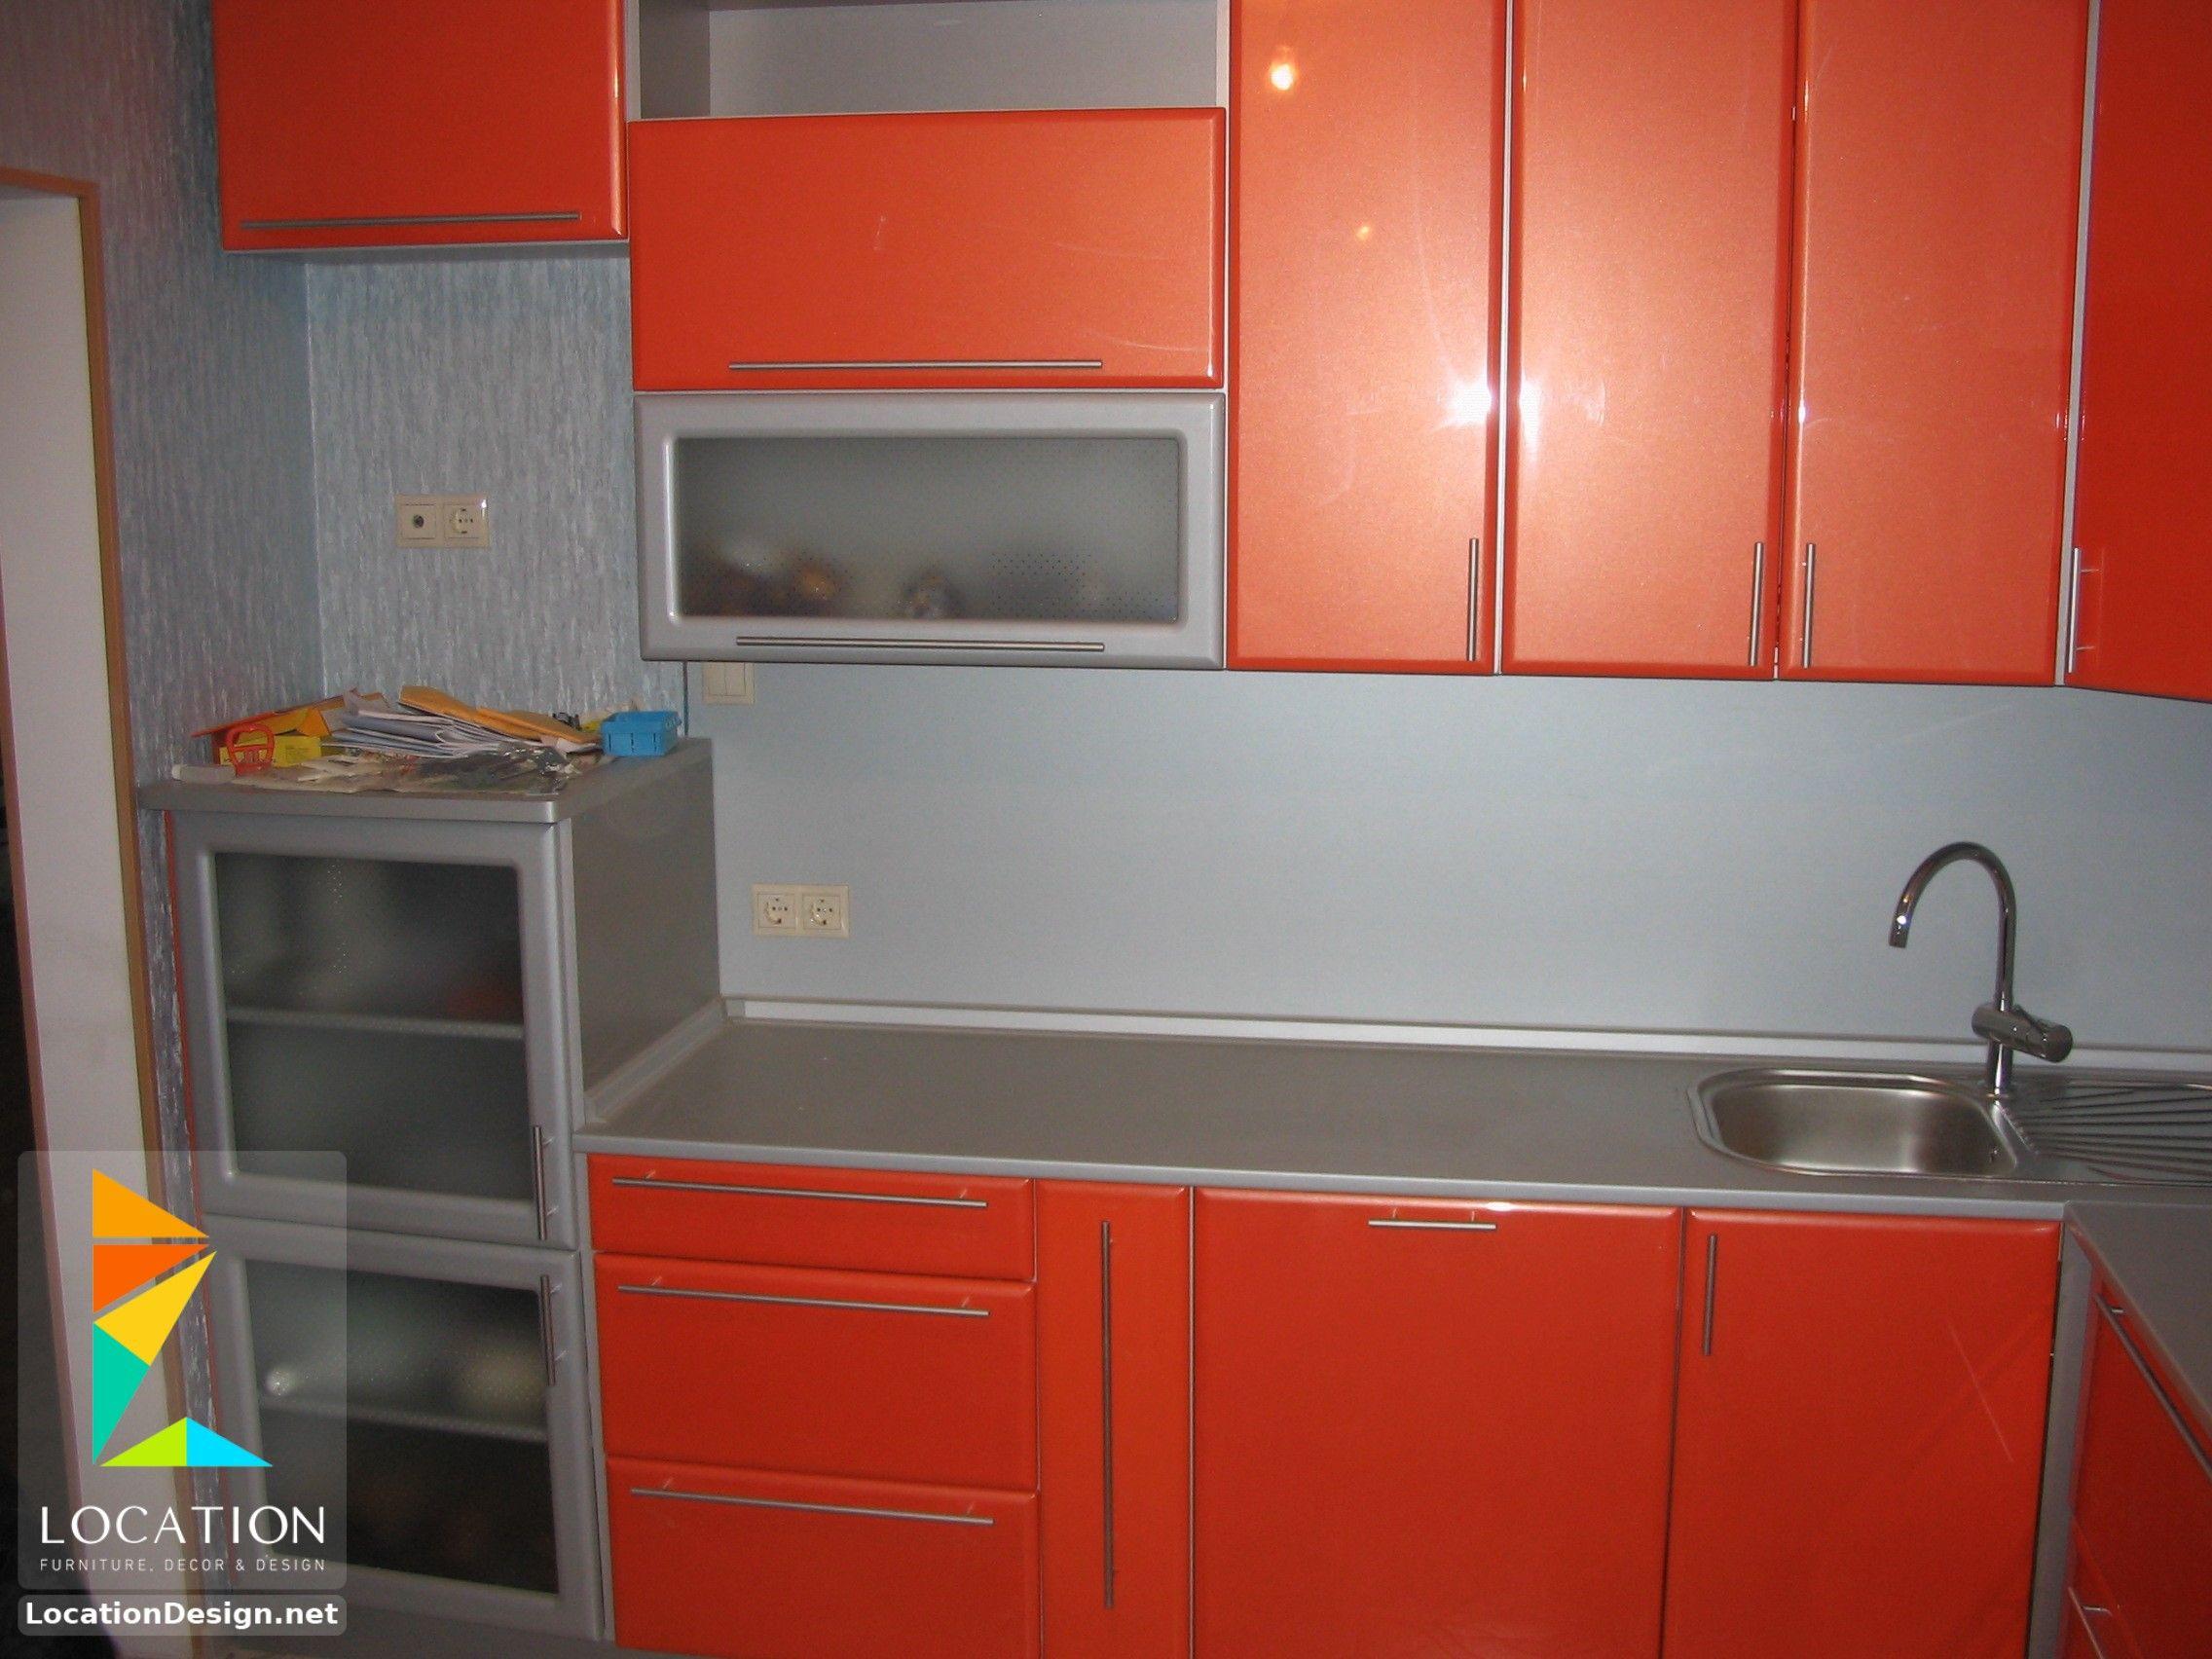 مطابخ المنيوم 2018 2019 ارقى تصميمات المطابخ الألمونيوم Kitchen Home Kitchen Cabinets